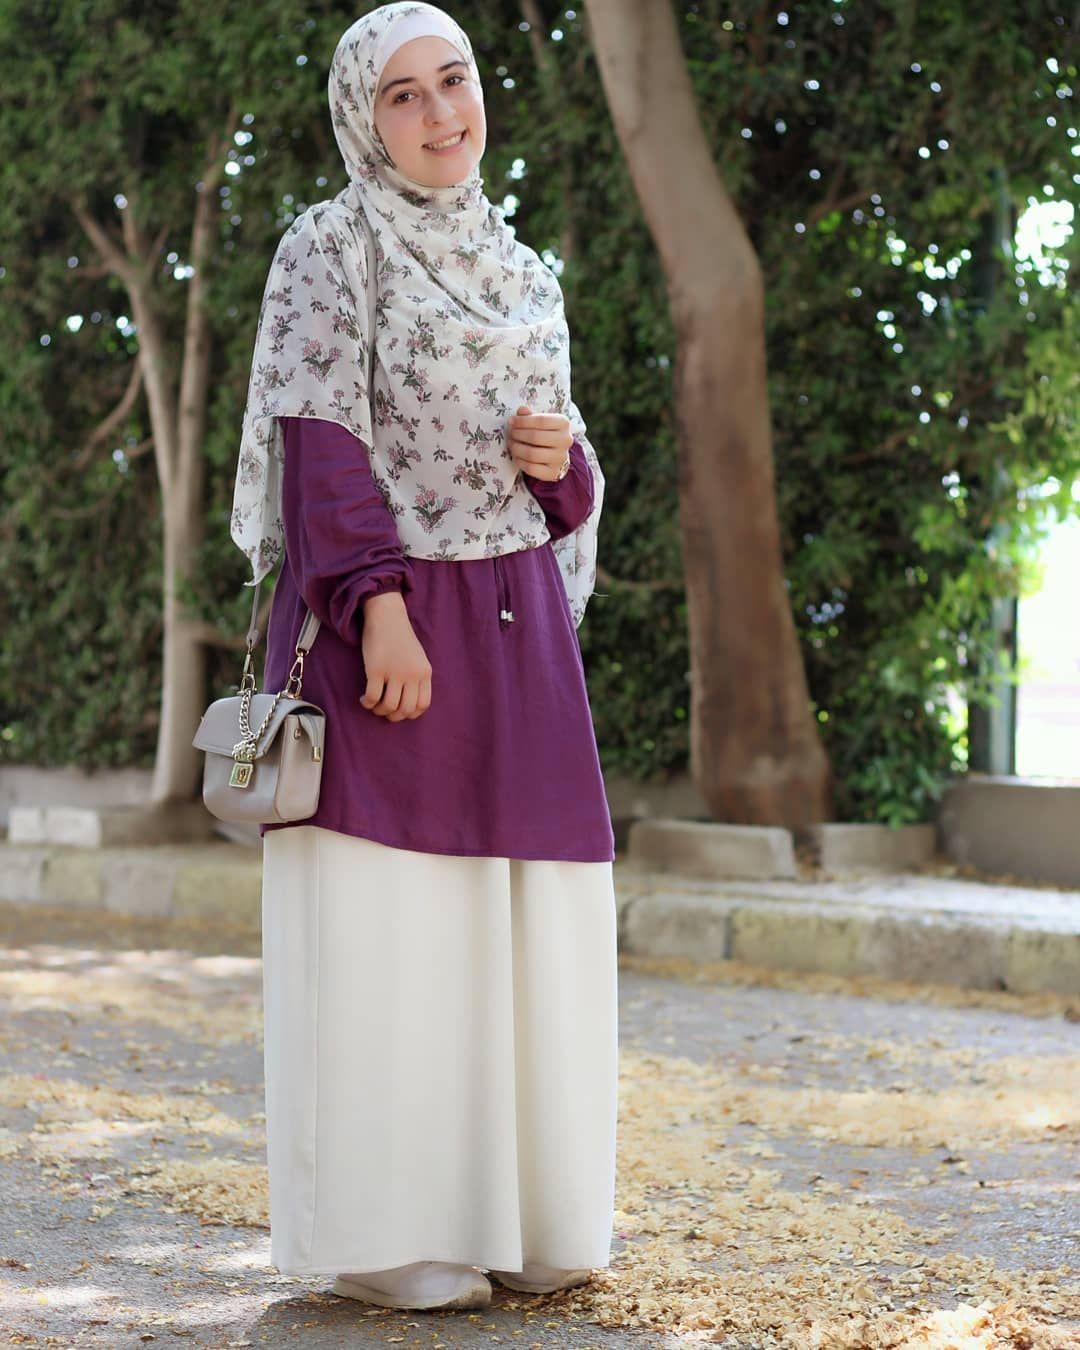 صوره الاوت فيت كامله اكتر سؤال بلاقيه هو انتي بتغسلي الخمار ازاي من البقع بغسله زي النا Hijabi Fashion Summer Muslim Fashion Dress Hijab Fashion